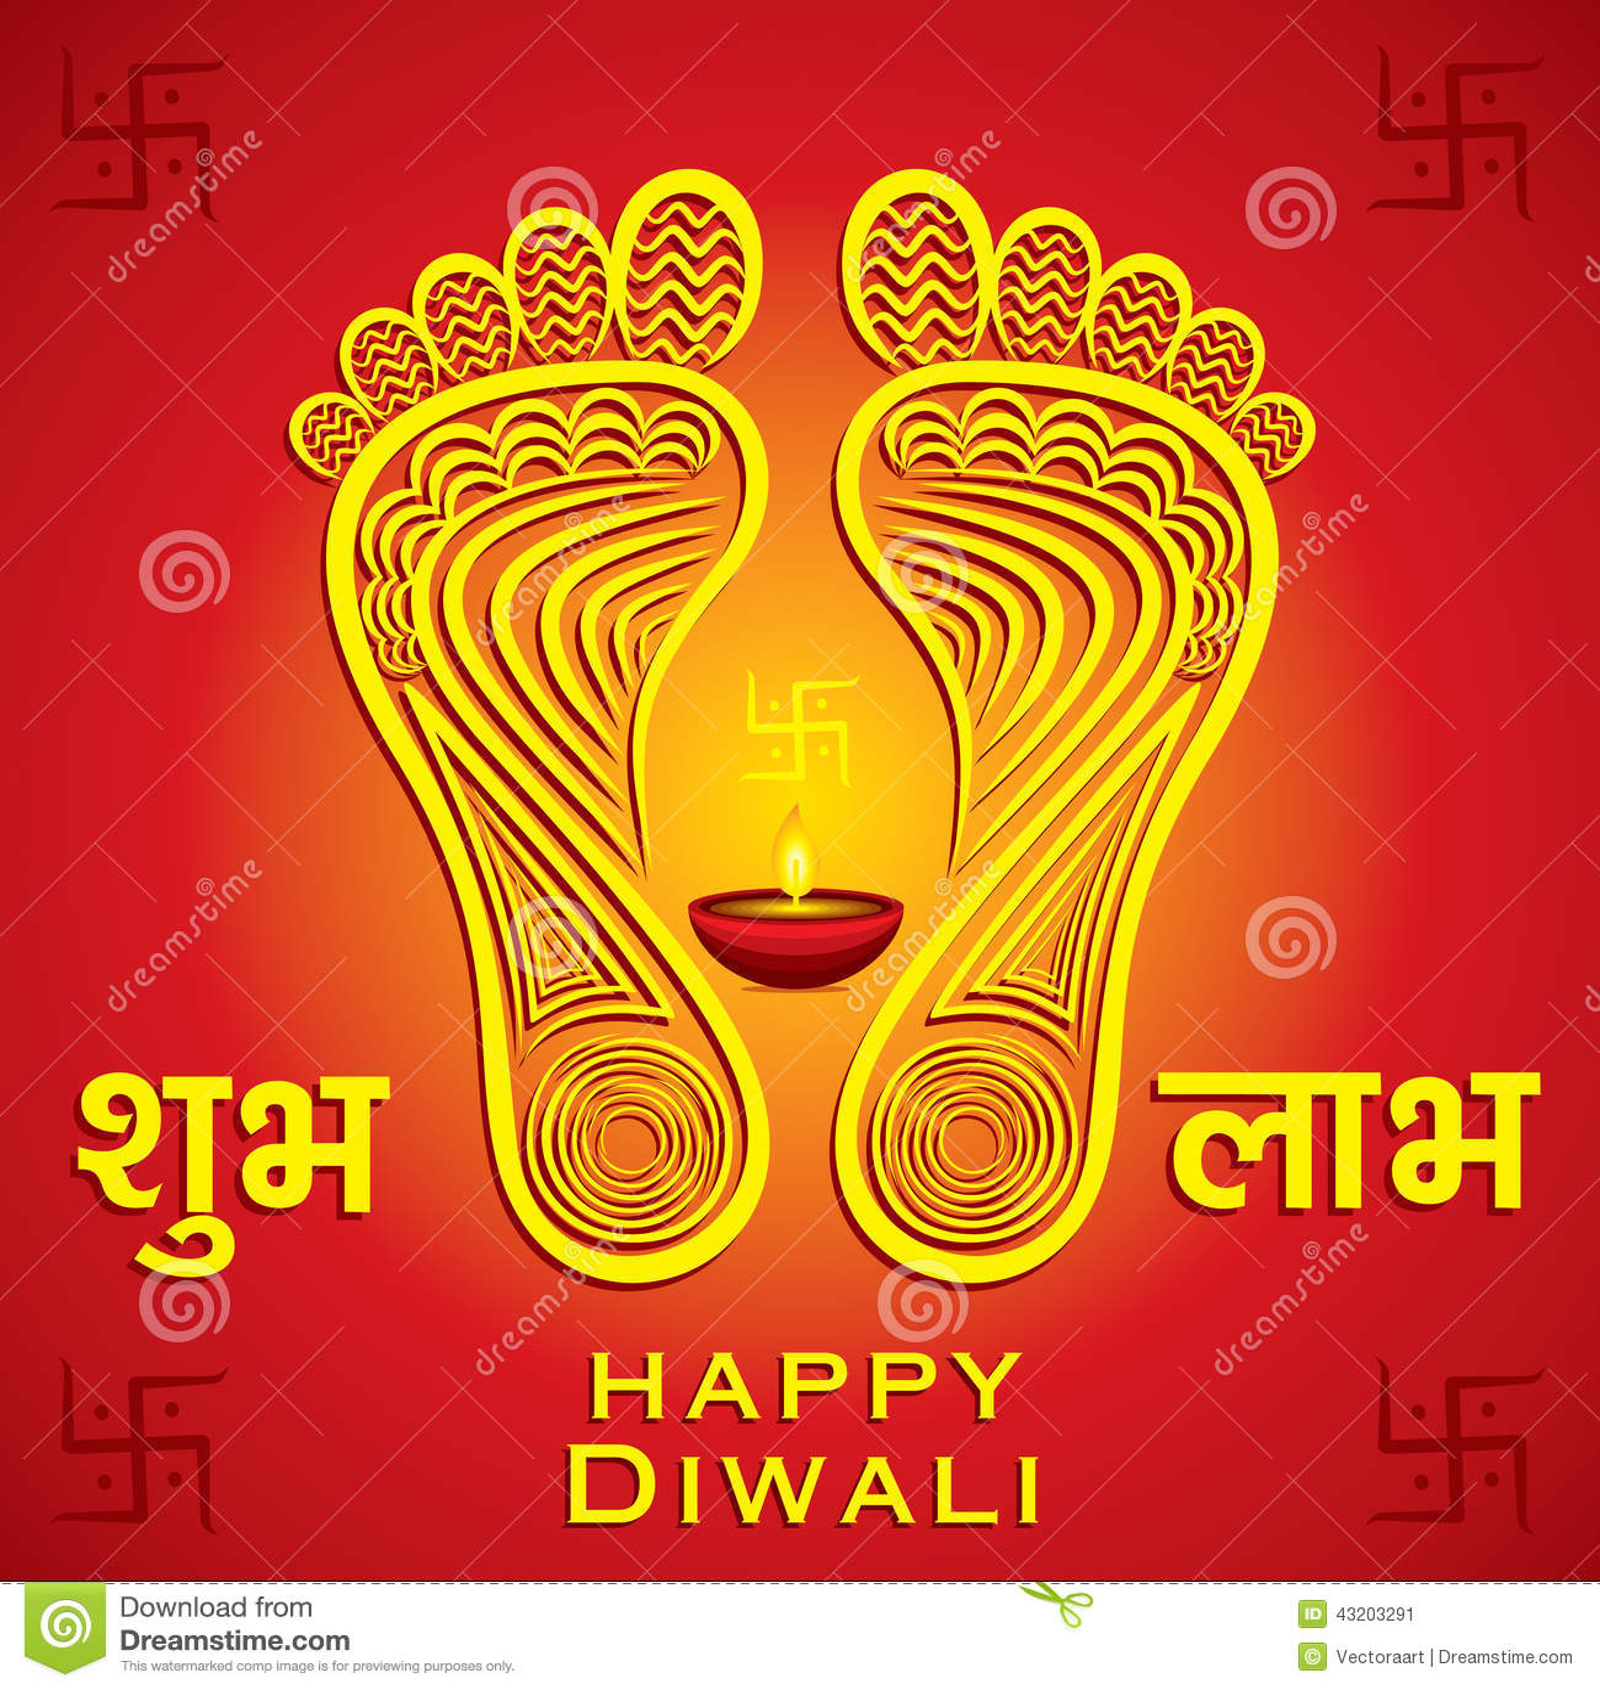 Happy diwali or navratri festival greeting card background stock happy diwali or navratri festival greeting card background m4hsunfo